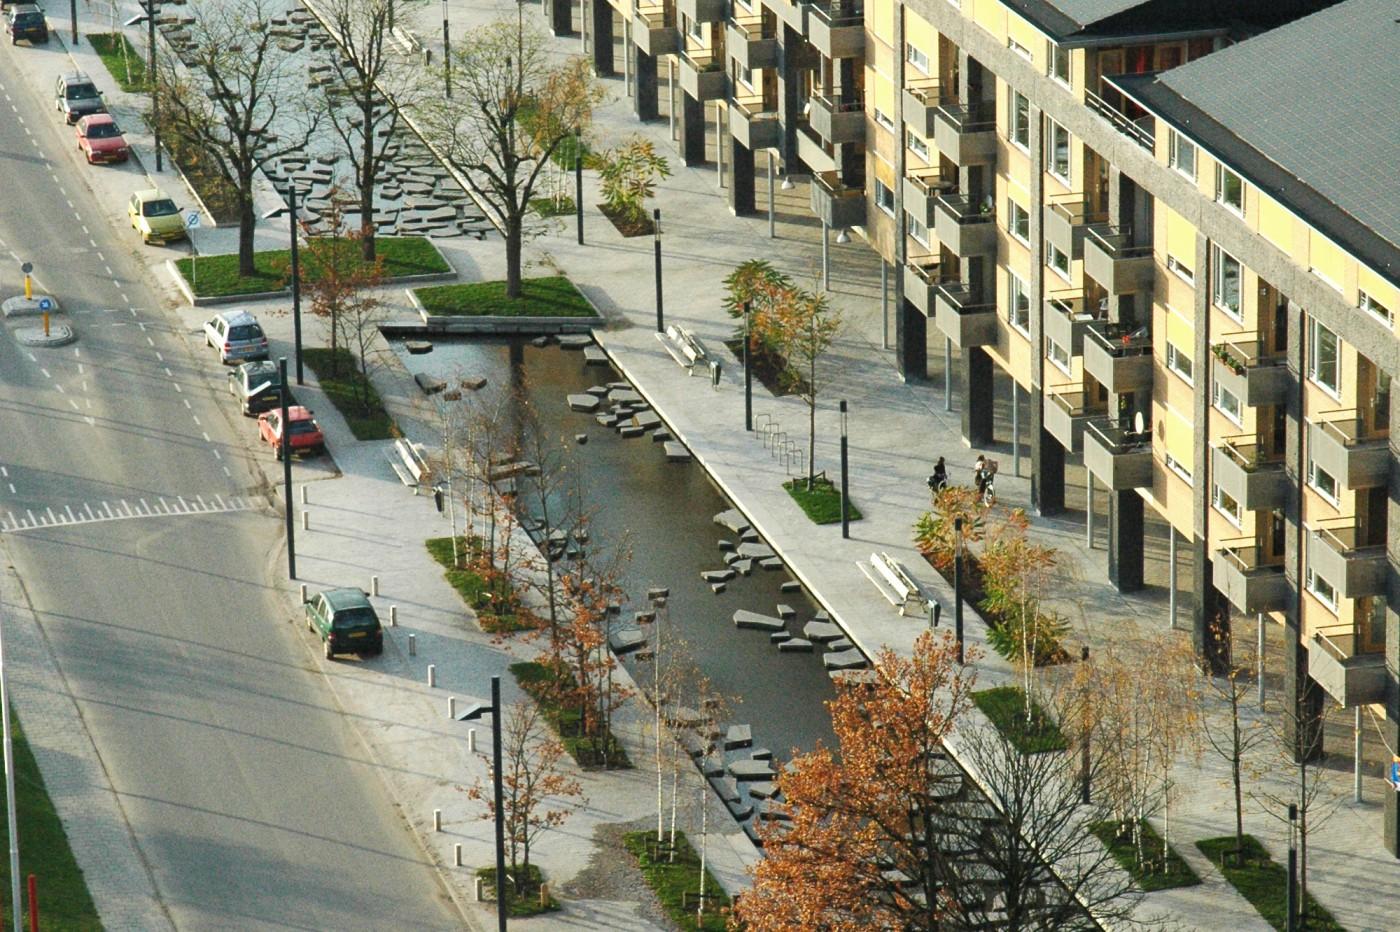 buro-sant-en-co-landschapsarchitectuur-roombeek-enschede-roomweg-beek-luchtfoto